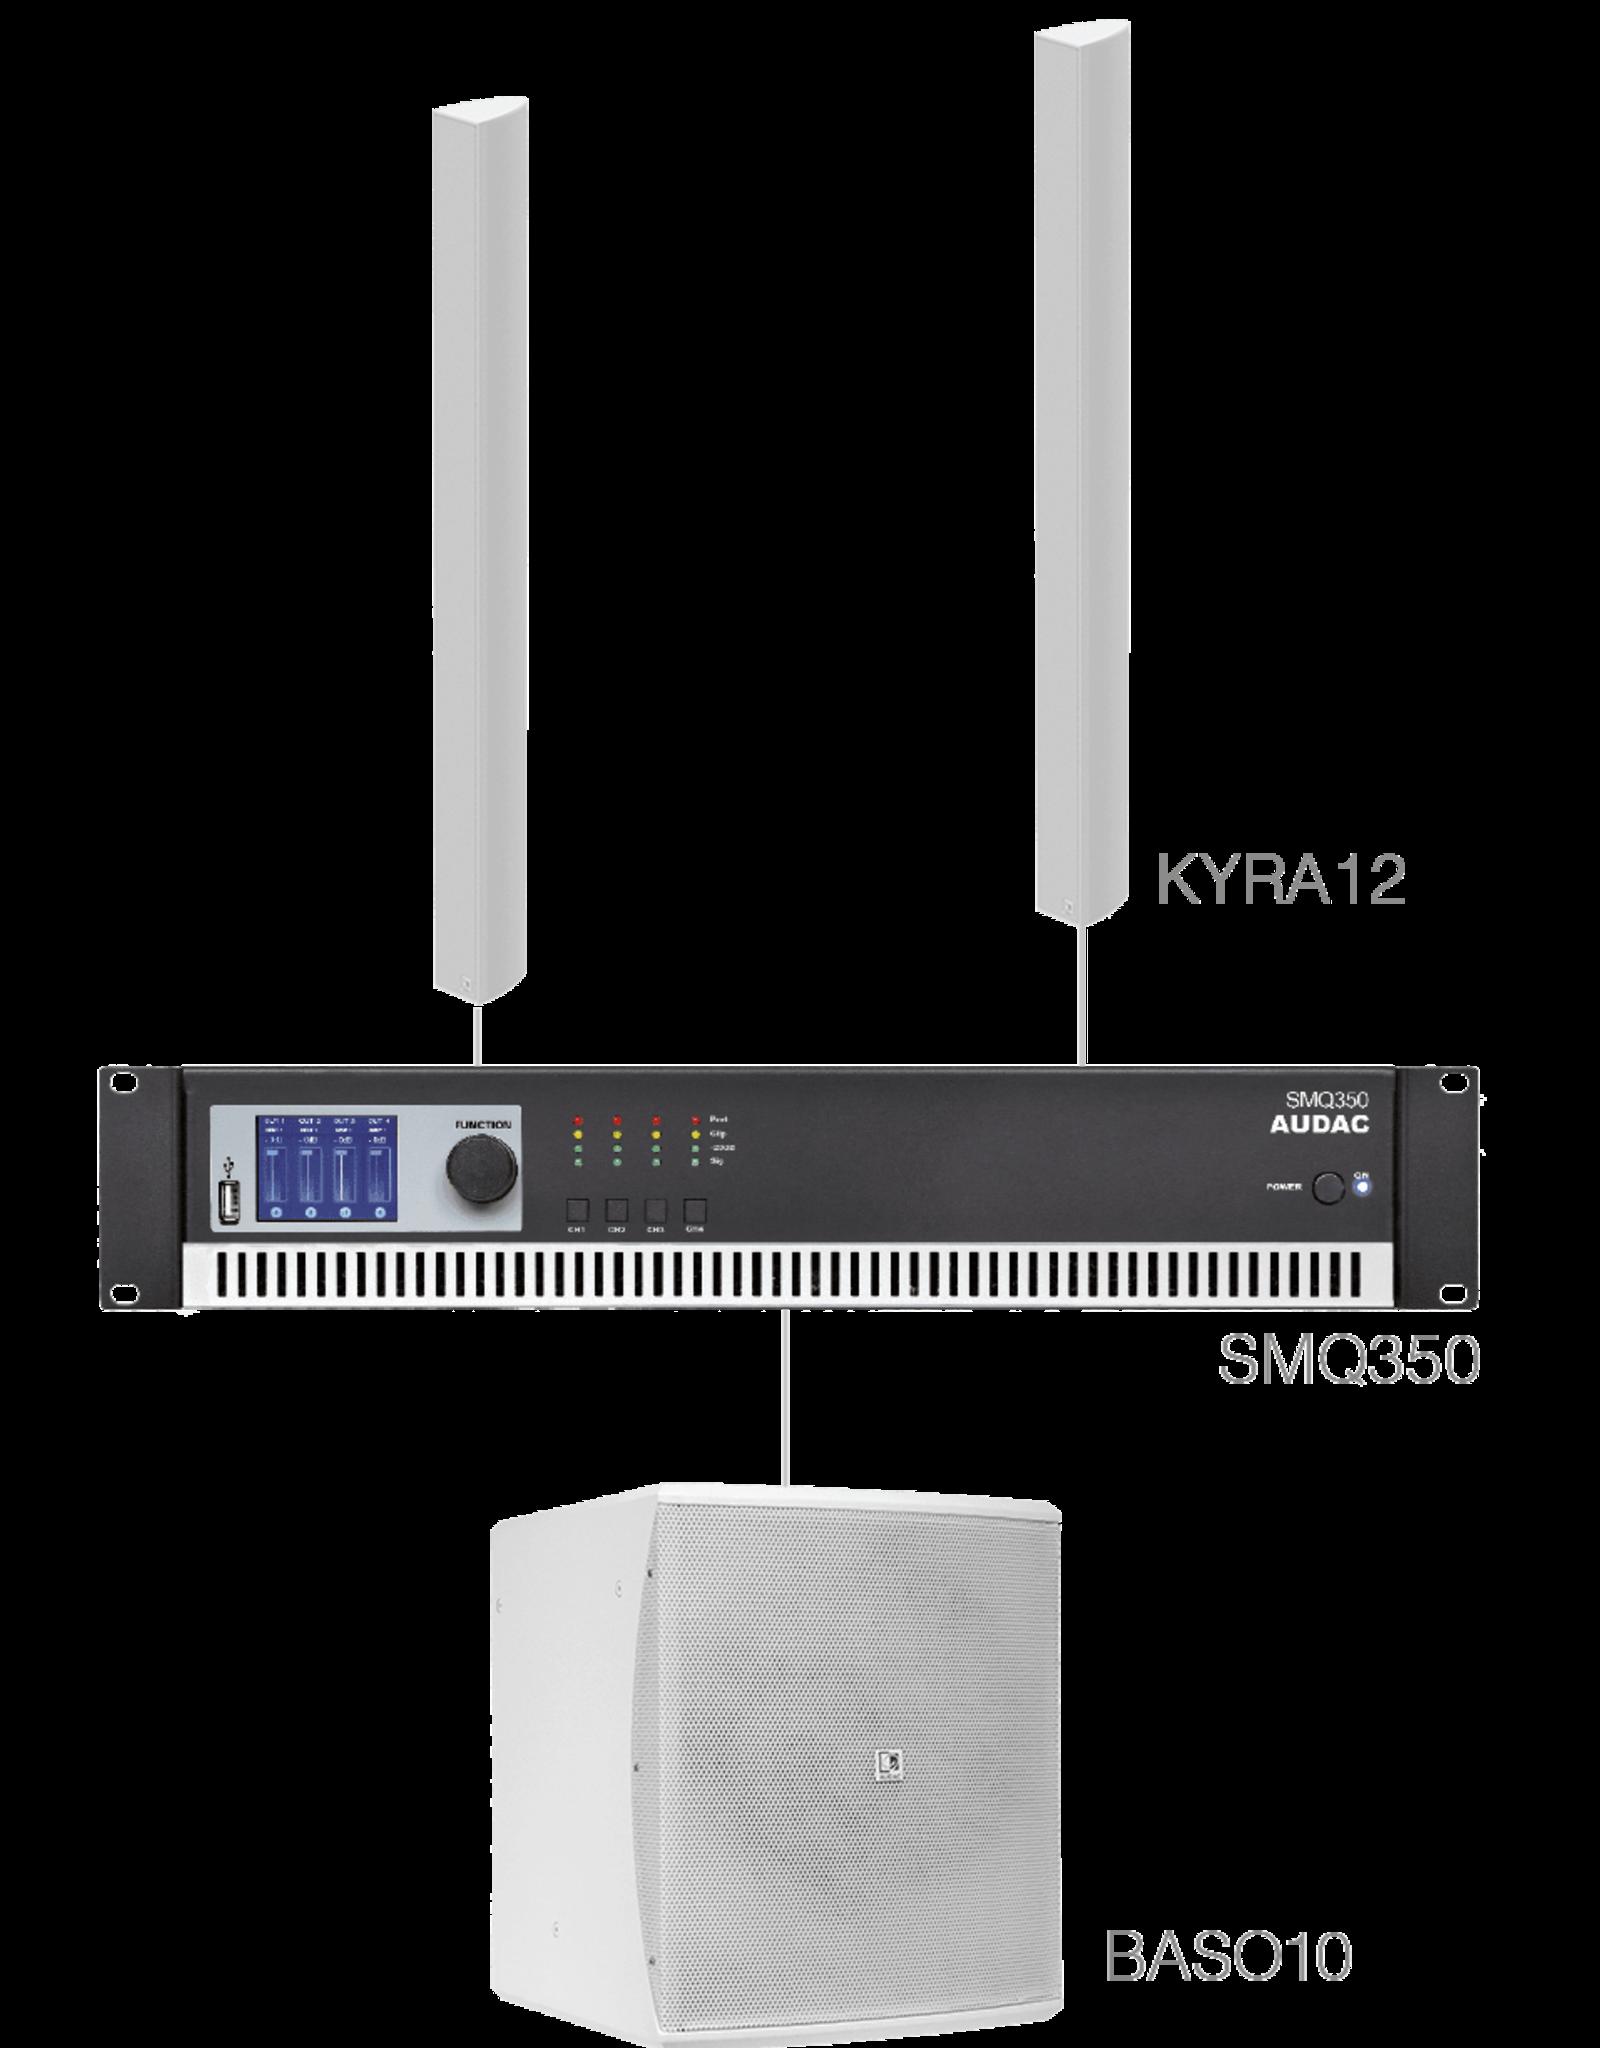 Audac 2 x KYRA12 + BASO10 + SMQ350 White